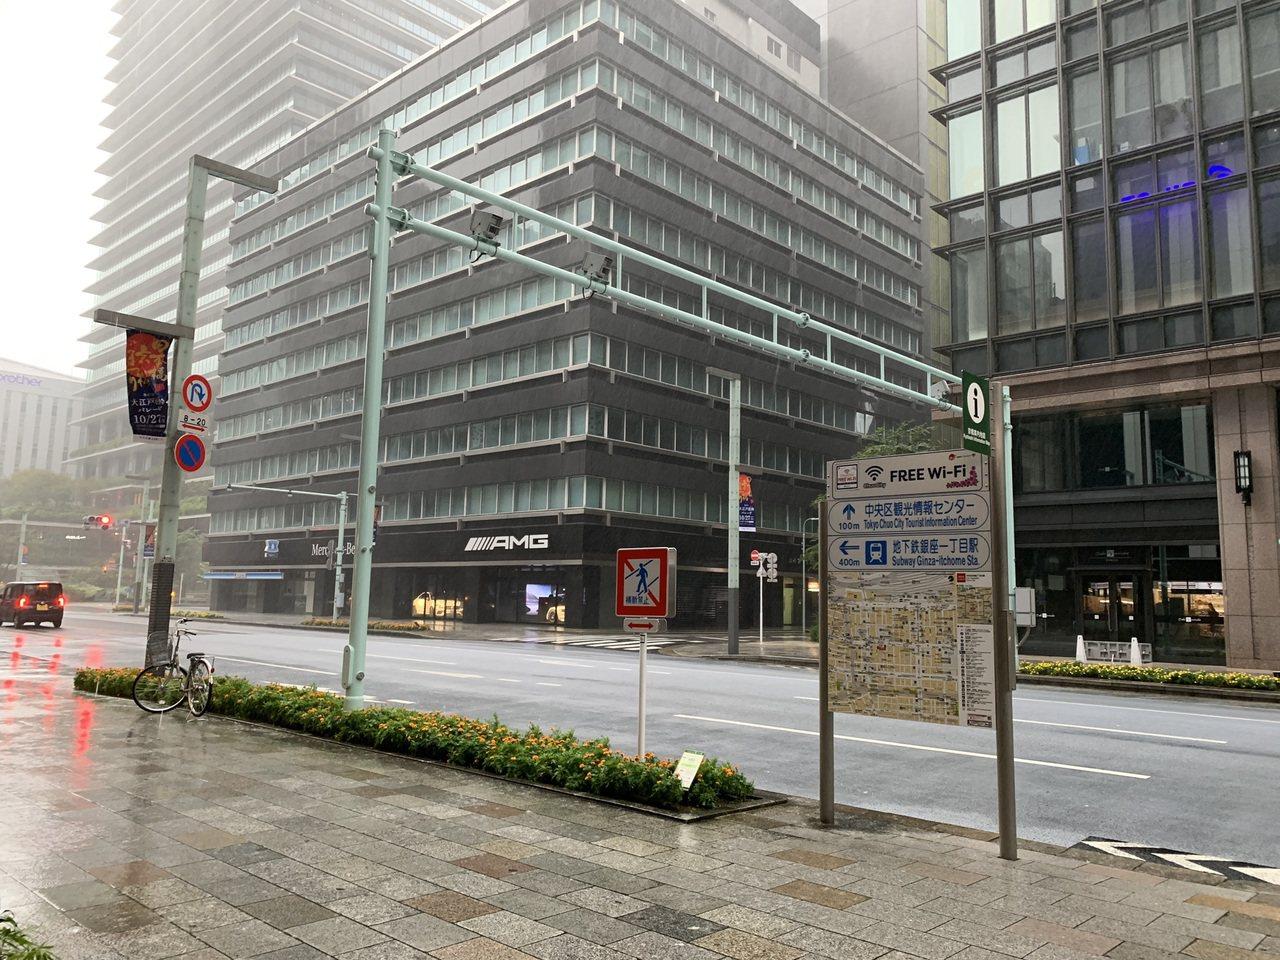 原本熱鬧的東京街頭,因颱風而顯得冷清。圖/民眾D小姐提供